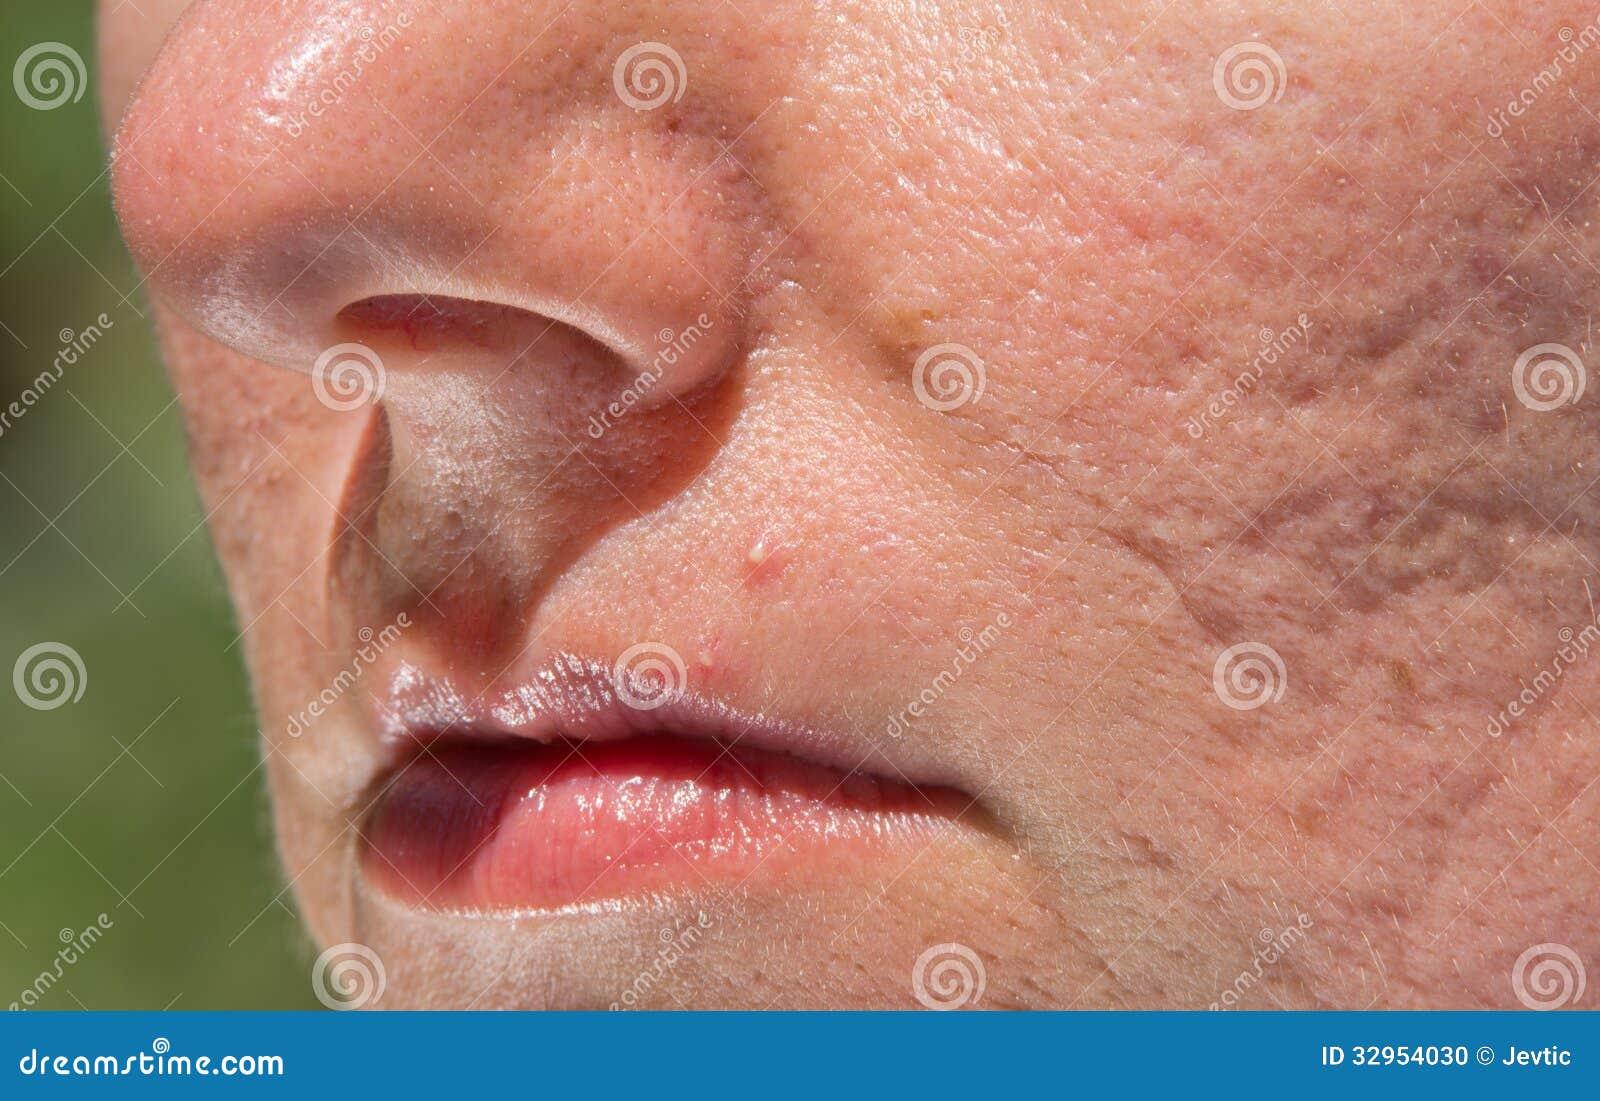 Cicatrizes da acne